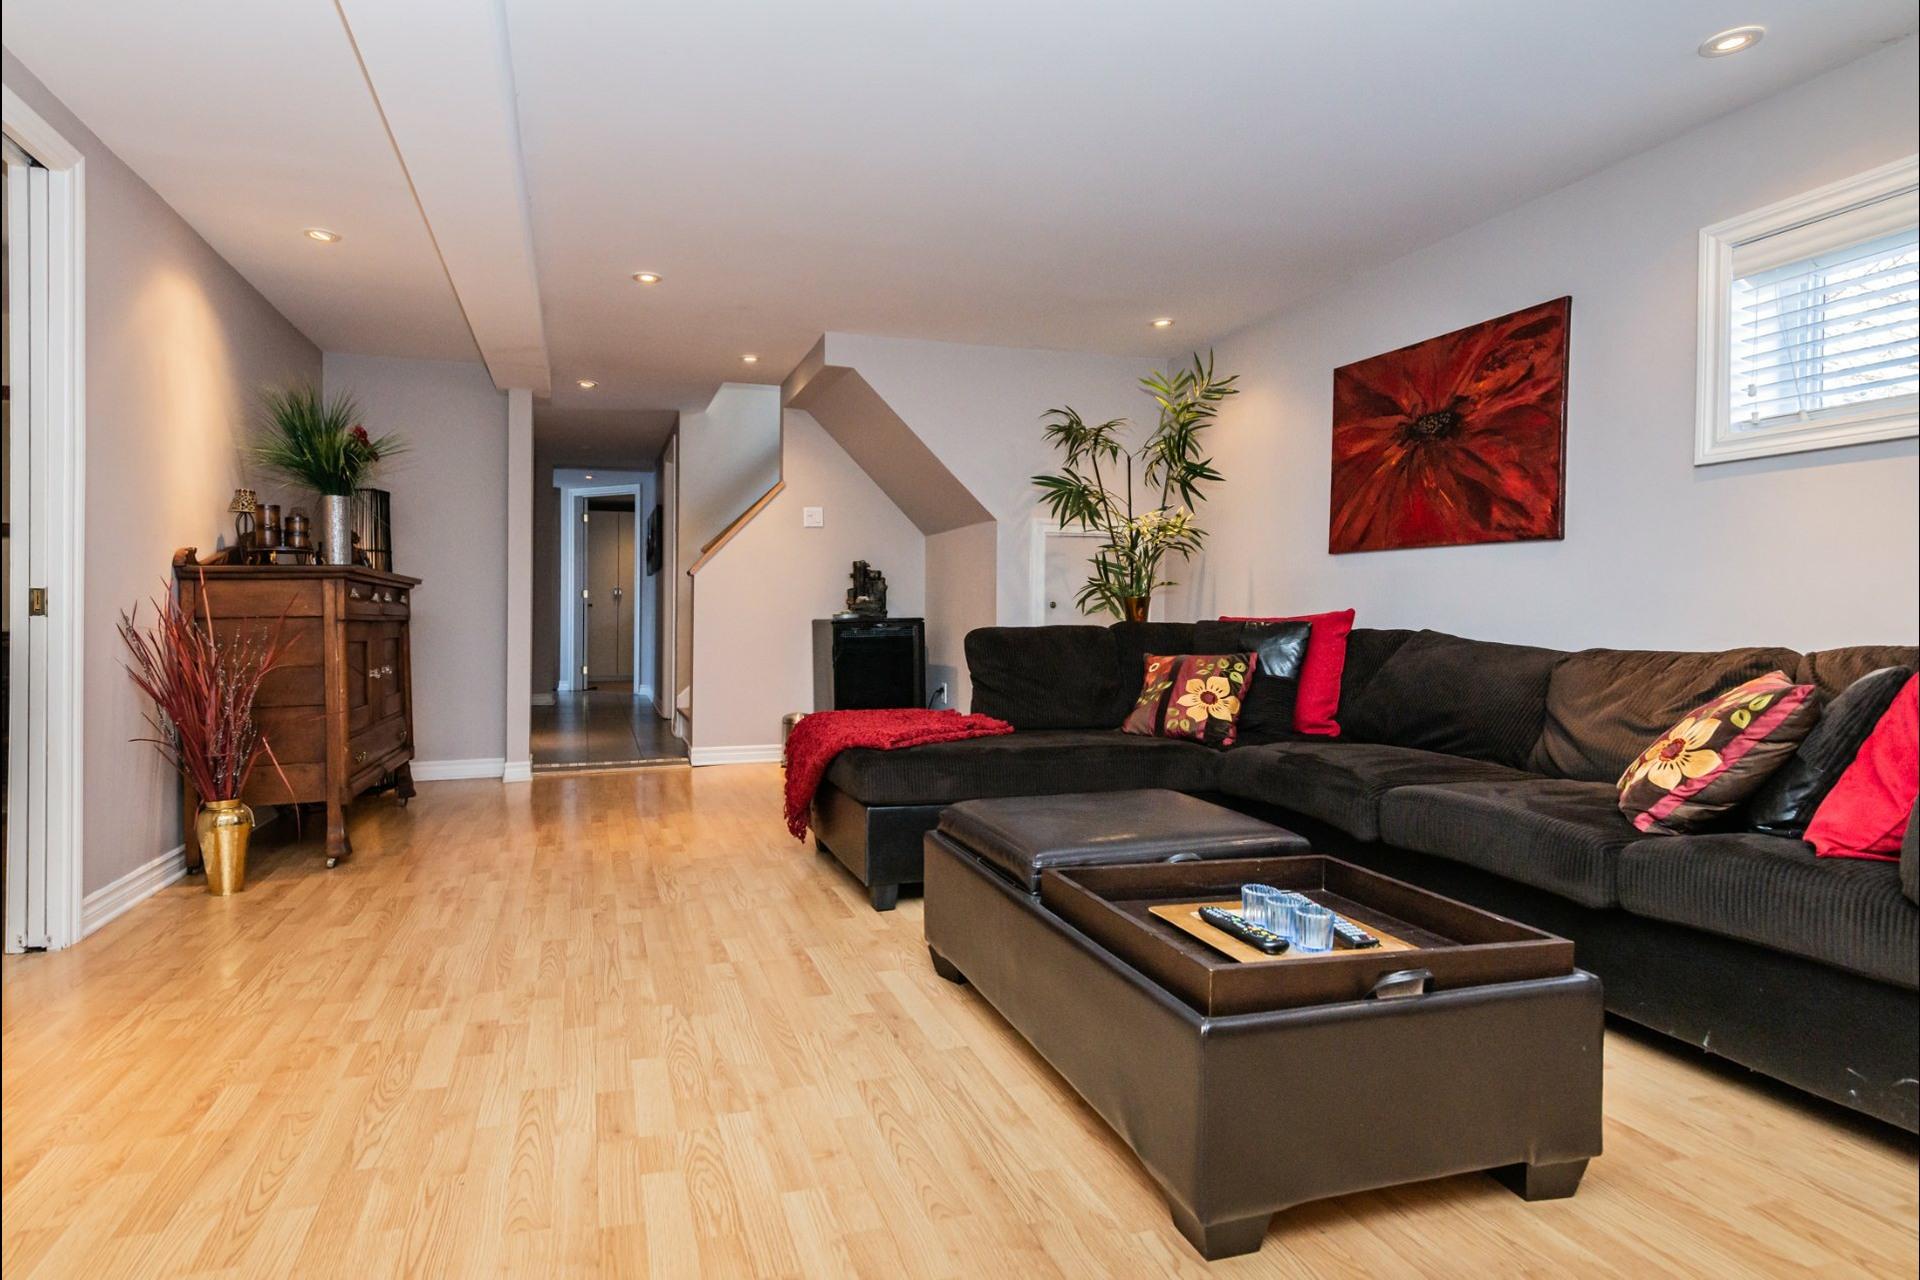 image 3 - House For sale L'Île-Bizard/Sainte-Geneviève Montréal  - 12 rooms